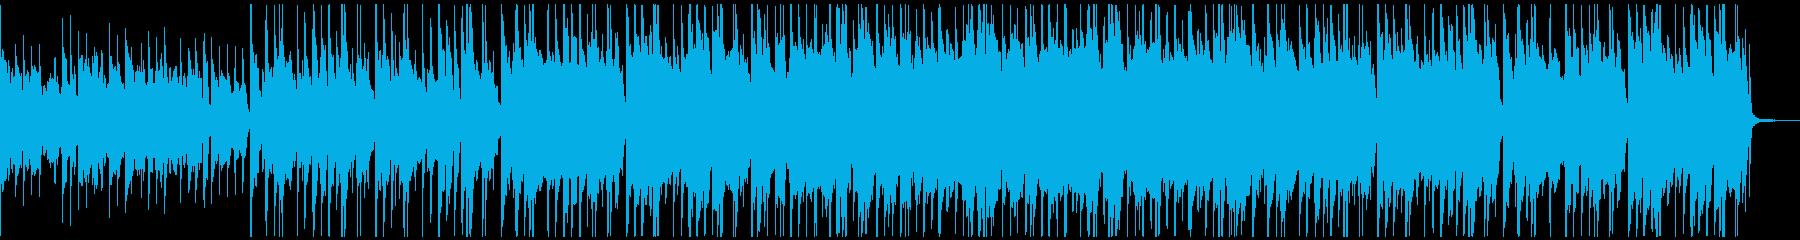 ほのぼのしたポップス ボンゴ コンガの再生済みの波形